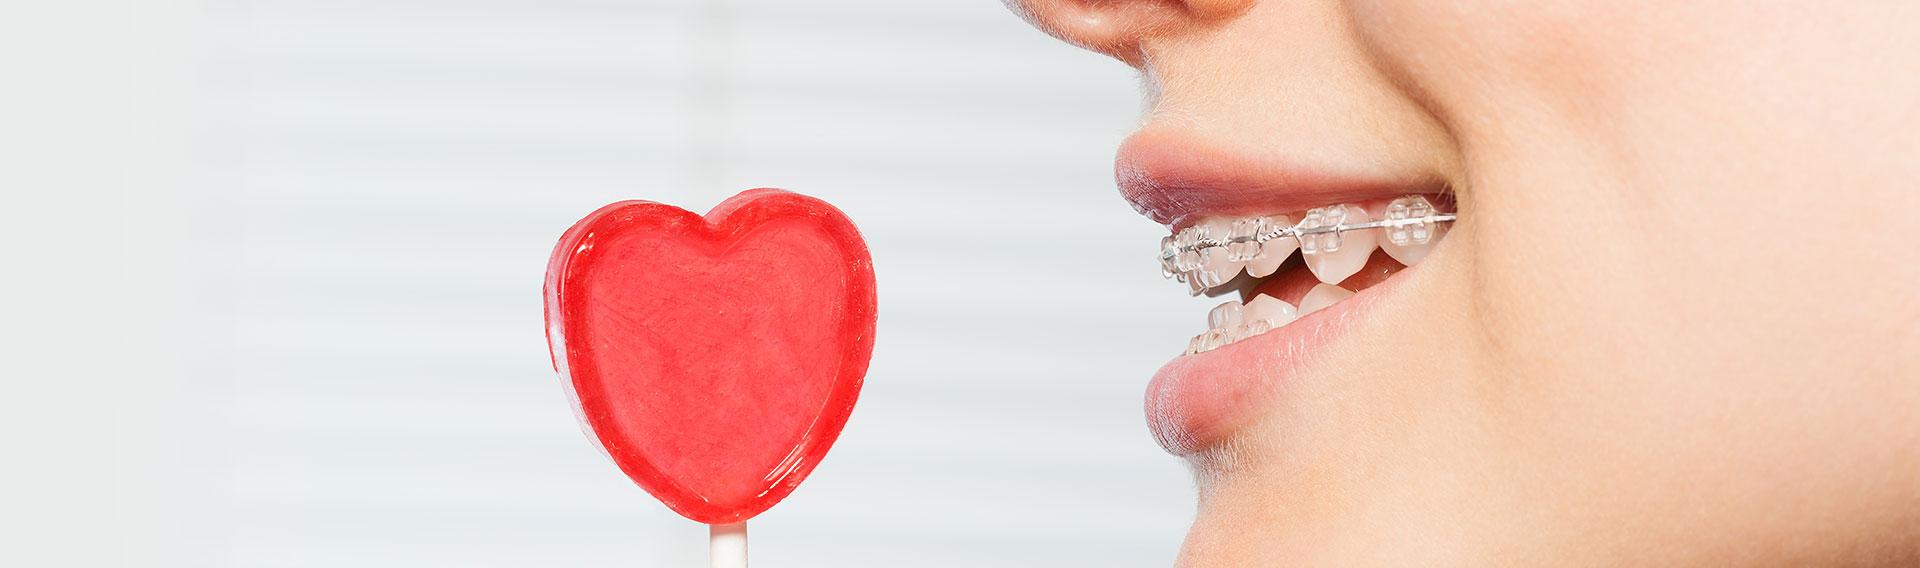 Ästhetische Keramik-Brackets als unfälligere Feste Zahnspangen bei Kindern und Jugendlichen Patienten